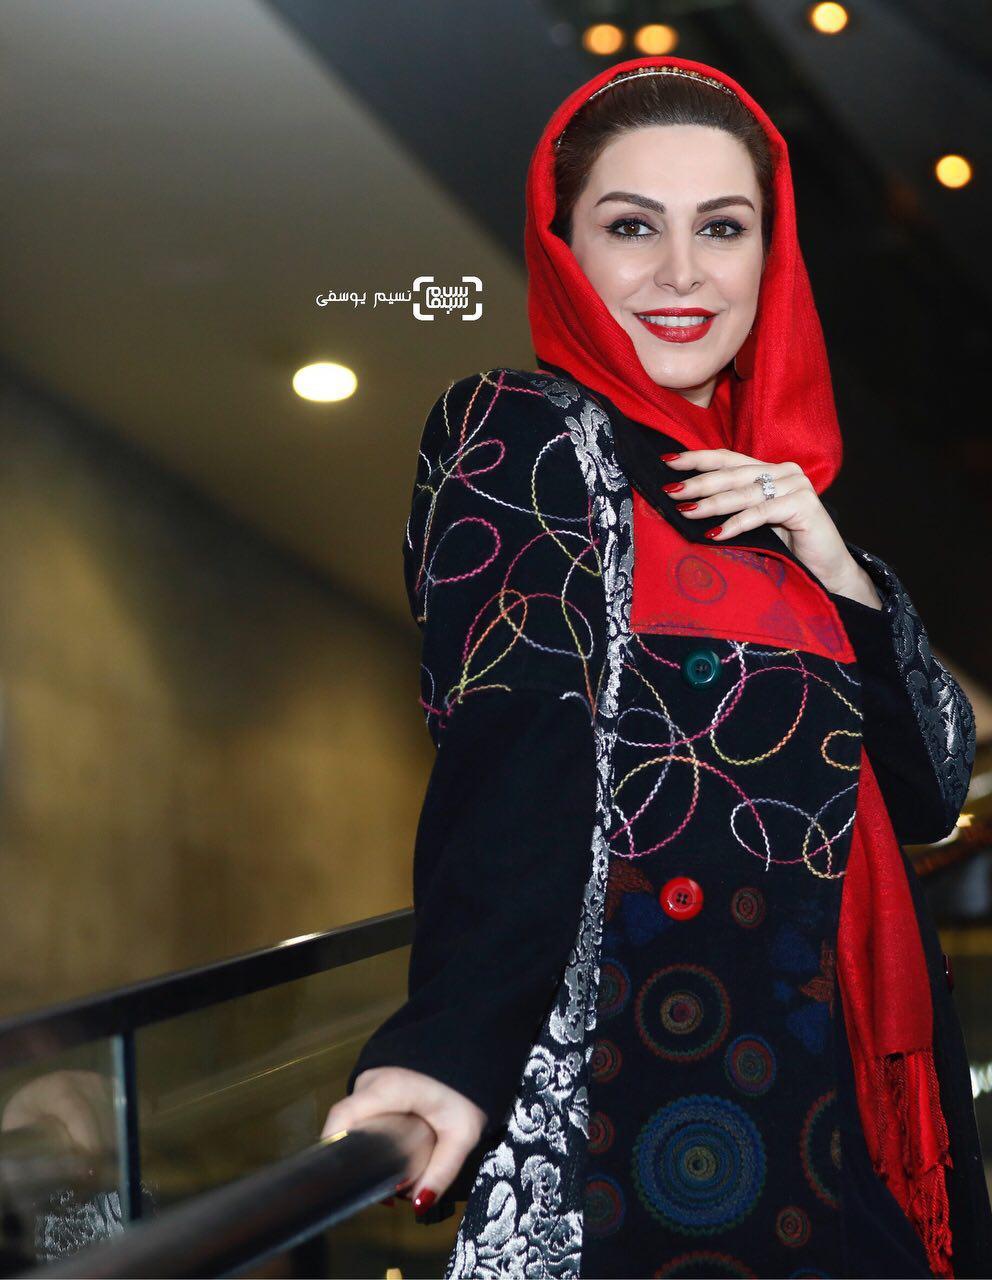 15 عکس برتر جشنواره فیلم فجر از قاب نسیم یوسفی/ ماه چهره خلیلی